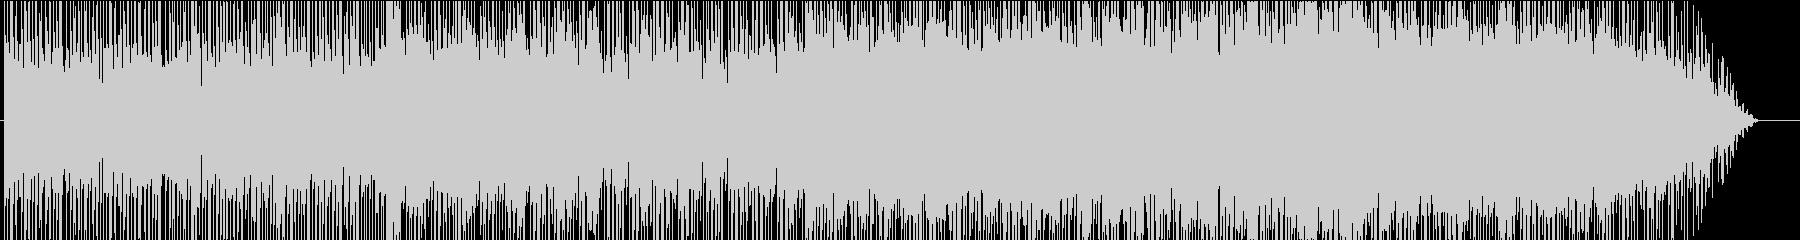 FM音源のゲーム音楽風楽曲。の未再生の波形